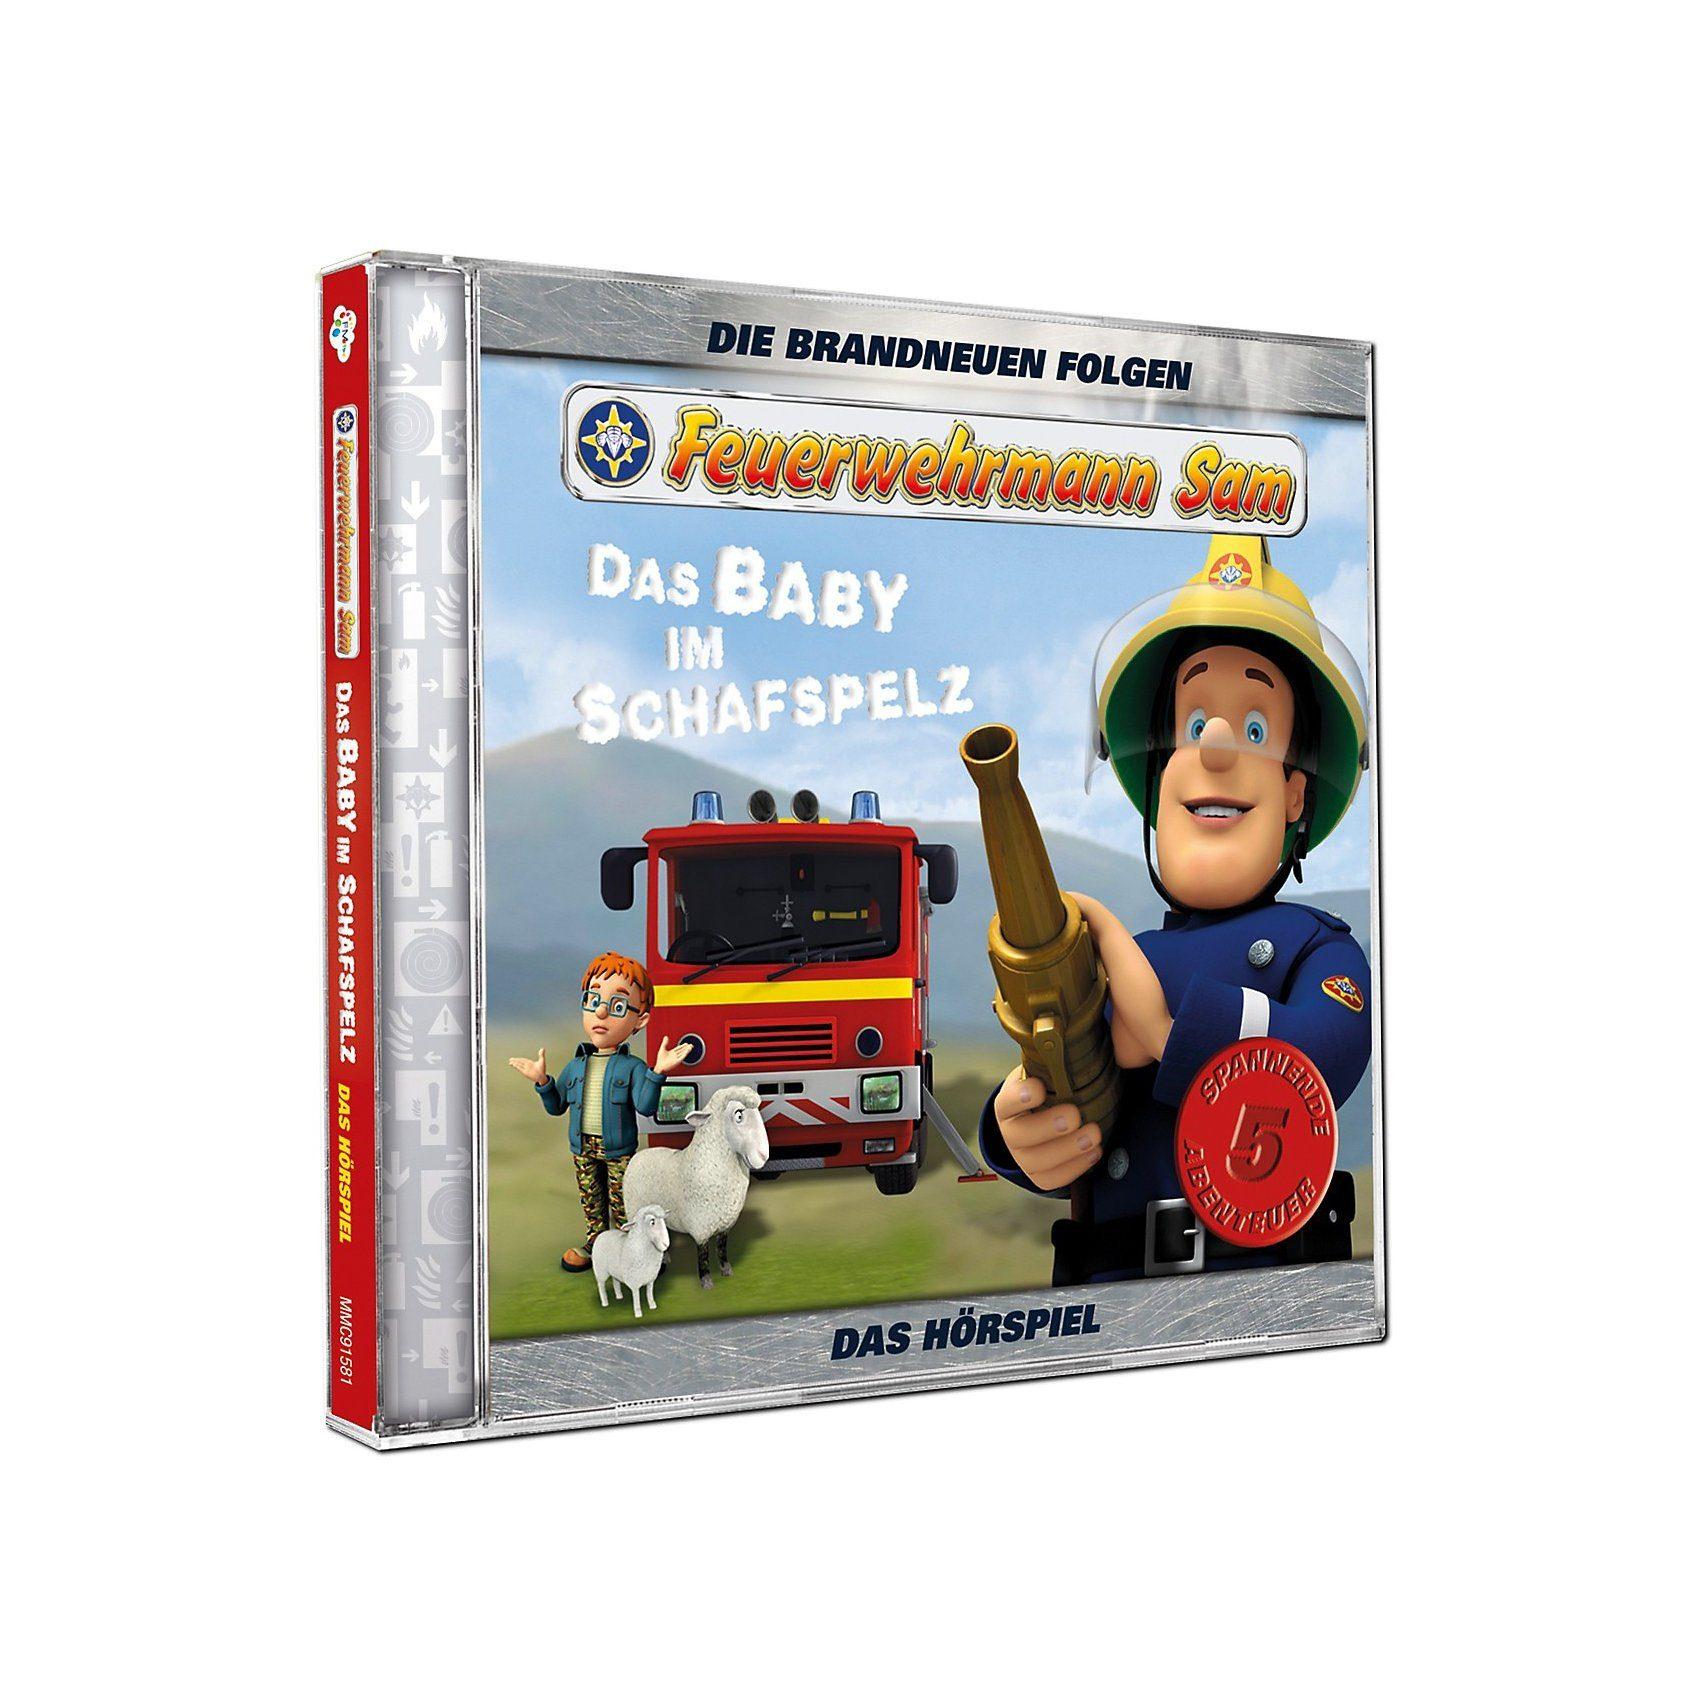 Just Bridge Entertainment CD Feuerwehrmann Sam - Das Baby im Schafspelz 2